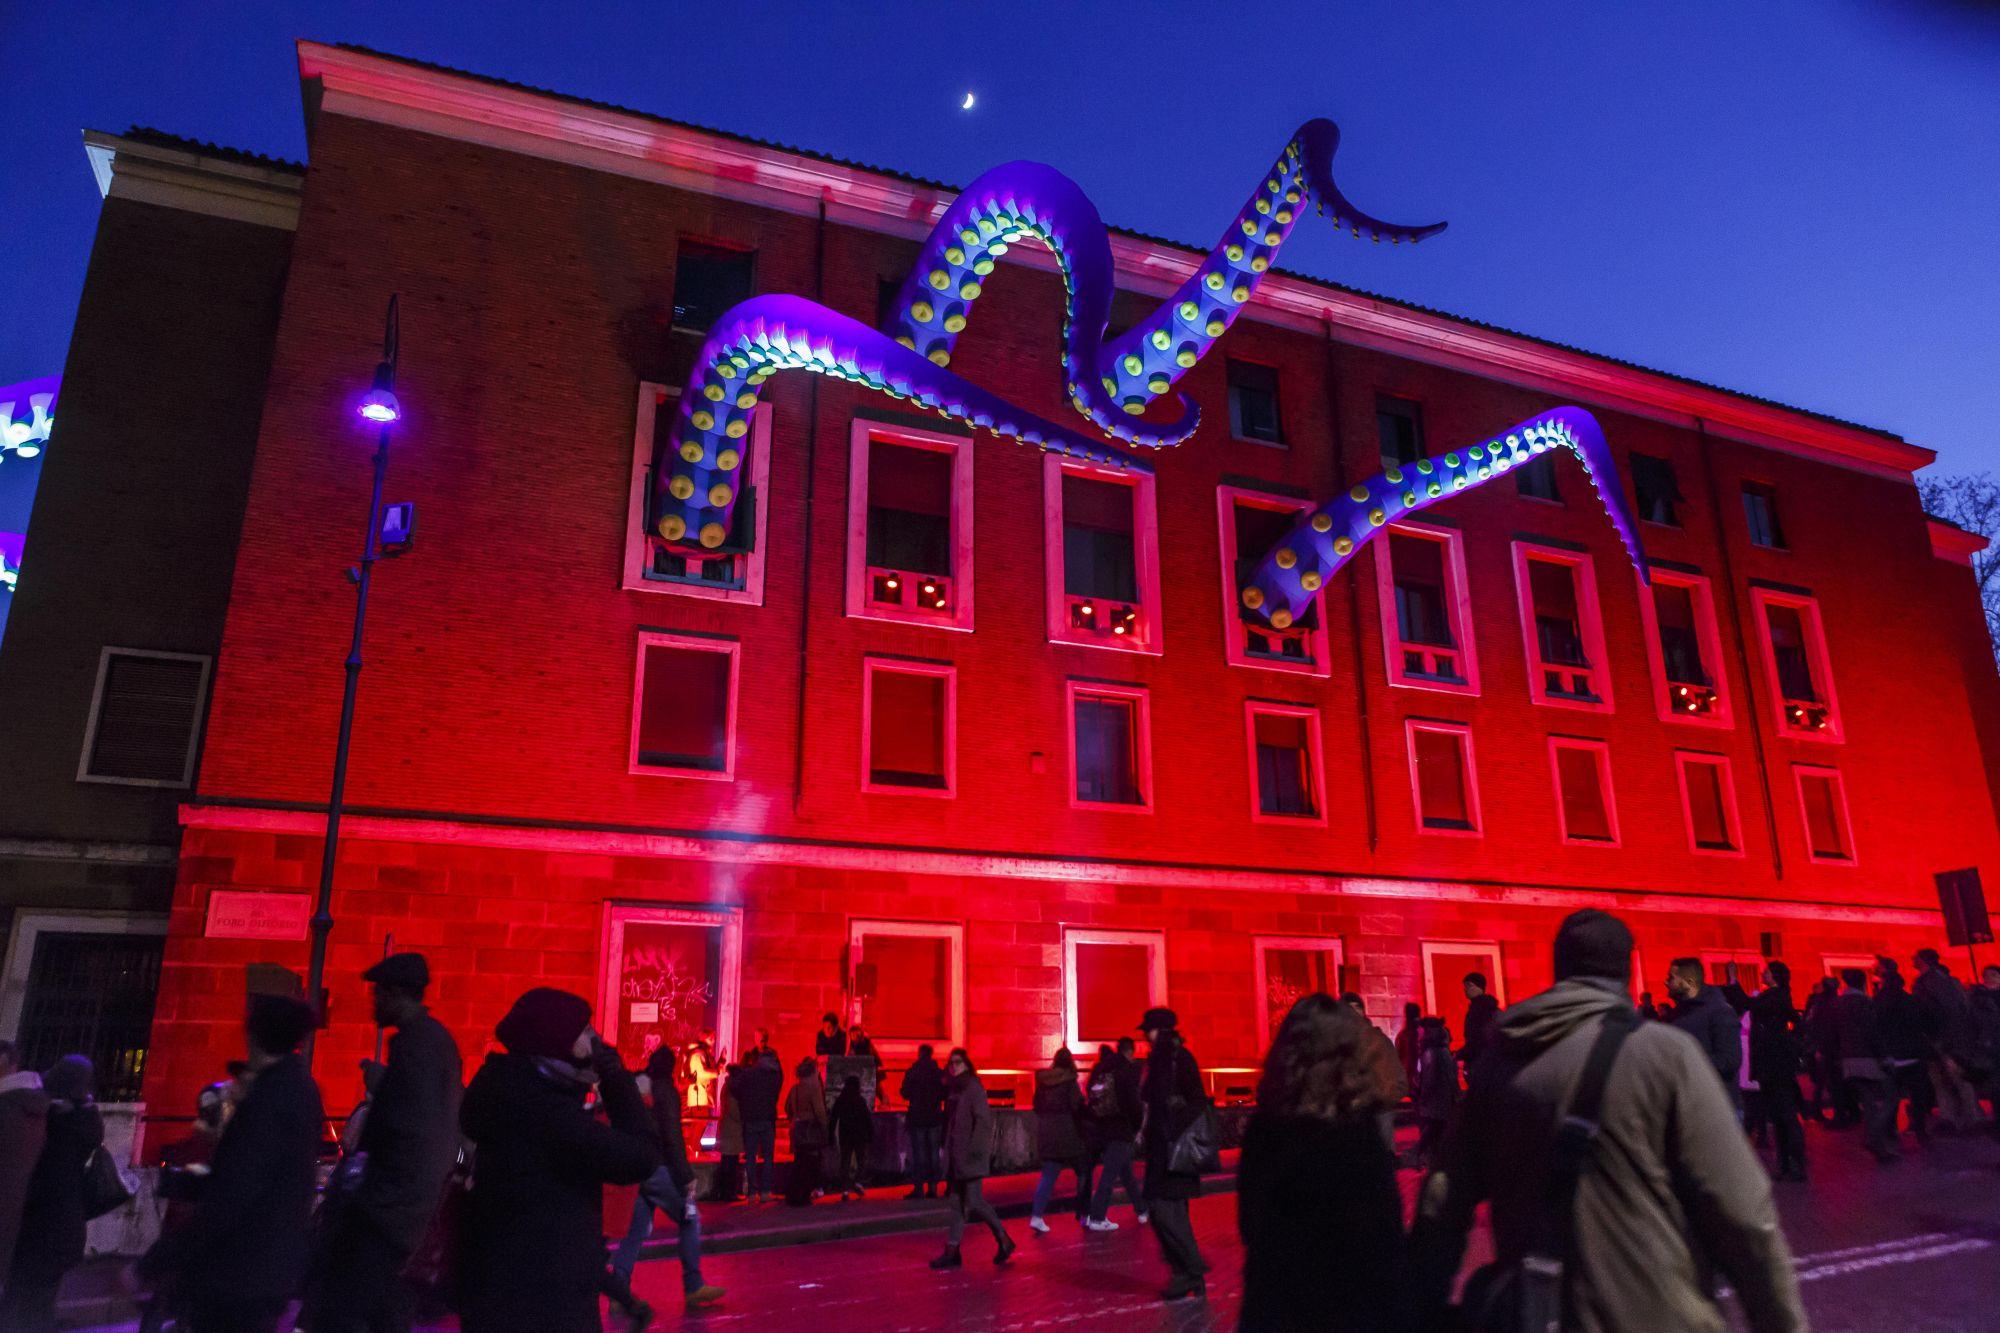 英國藝術家Filthy Luker的大型裝置藝術《章魚入侵》將設置在活動B區。